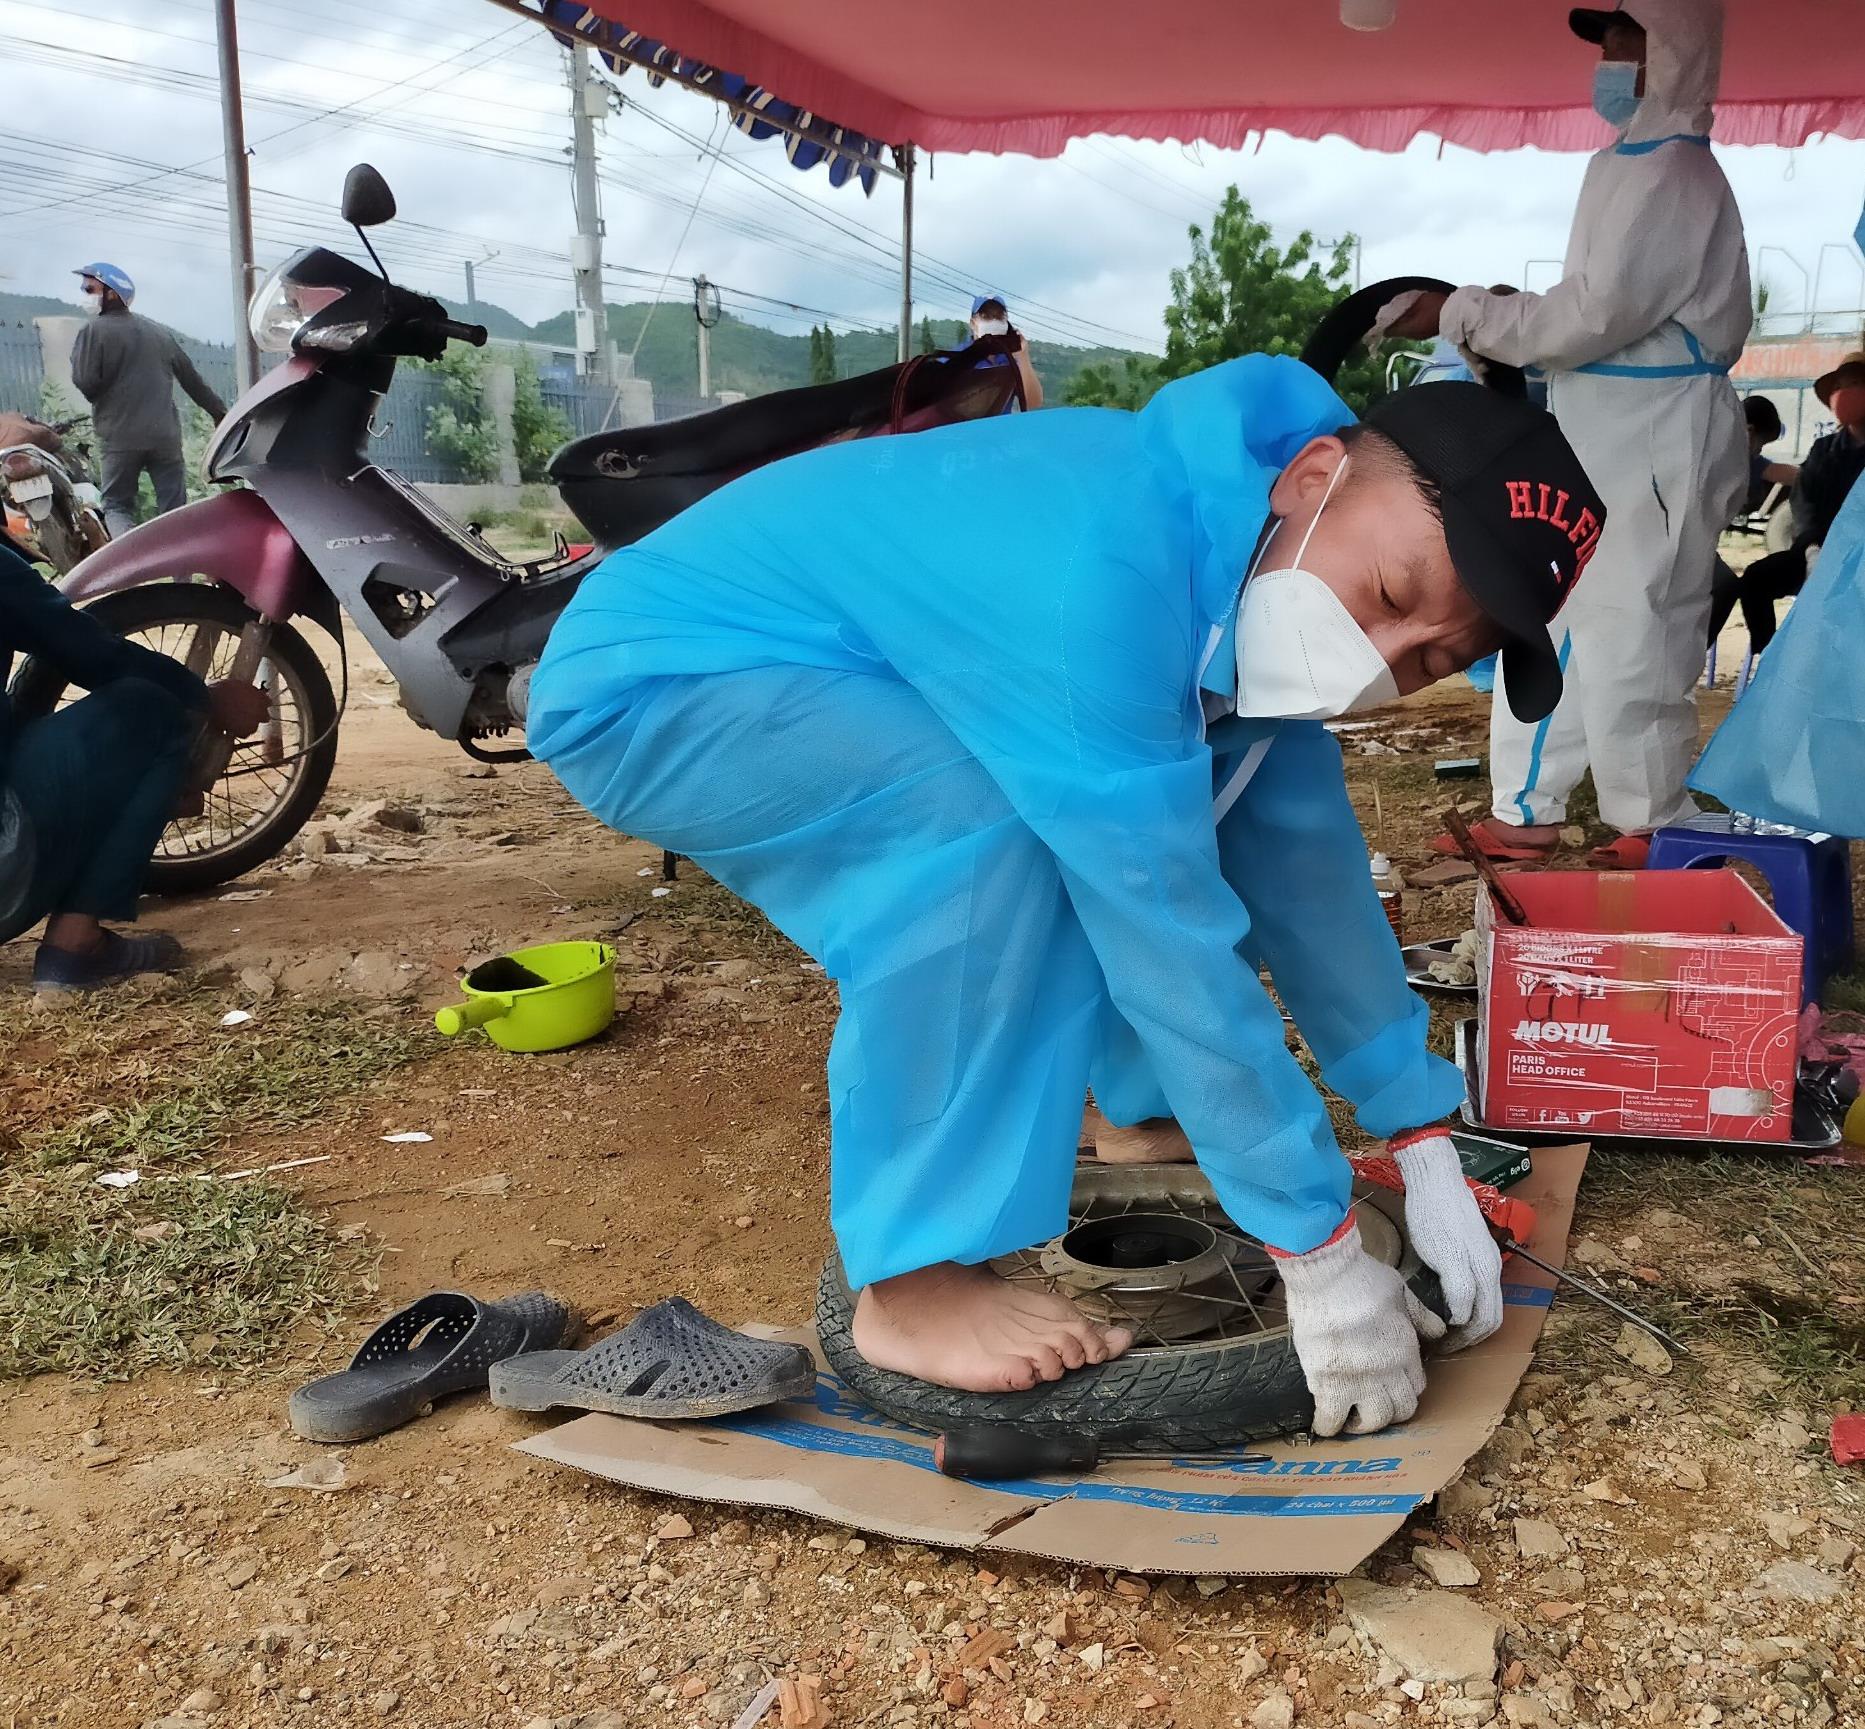 Một thợ sửa xe đang thay lốp cho xe của người dân tại trạm tiếp sức ở Cam Thịnh Đông, TP. Cam Ranh, tỉnh Khánh Hòa